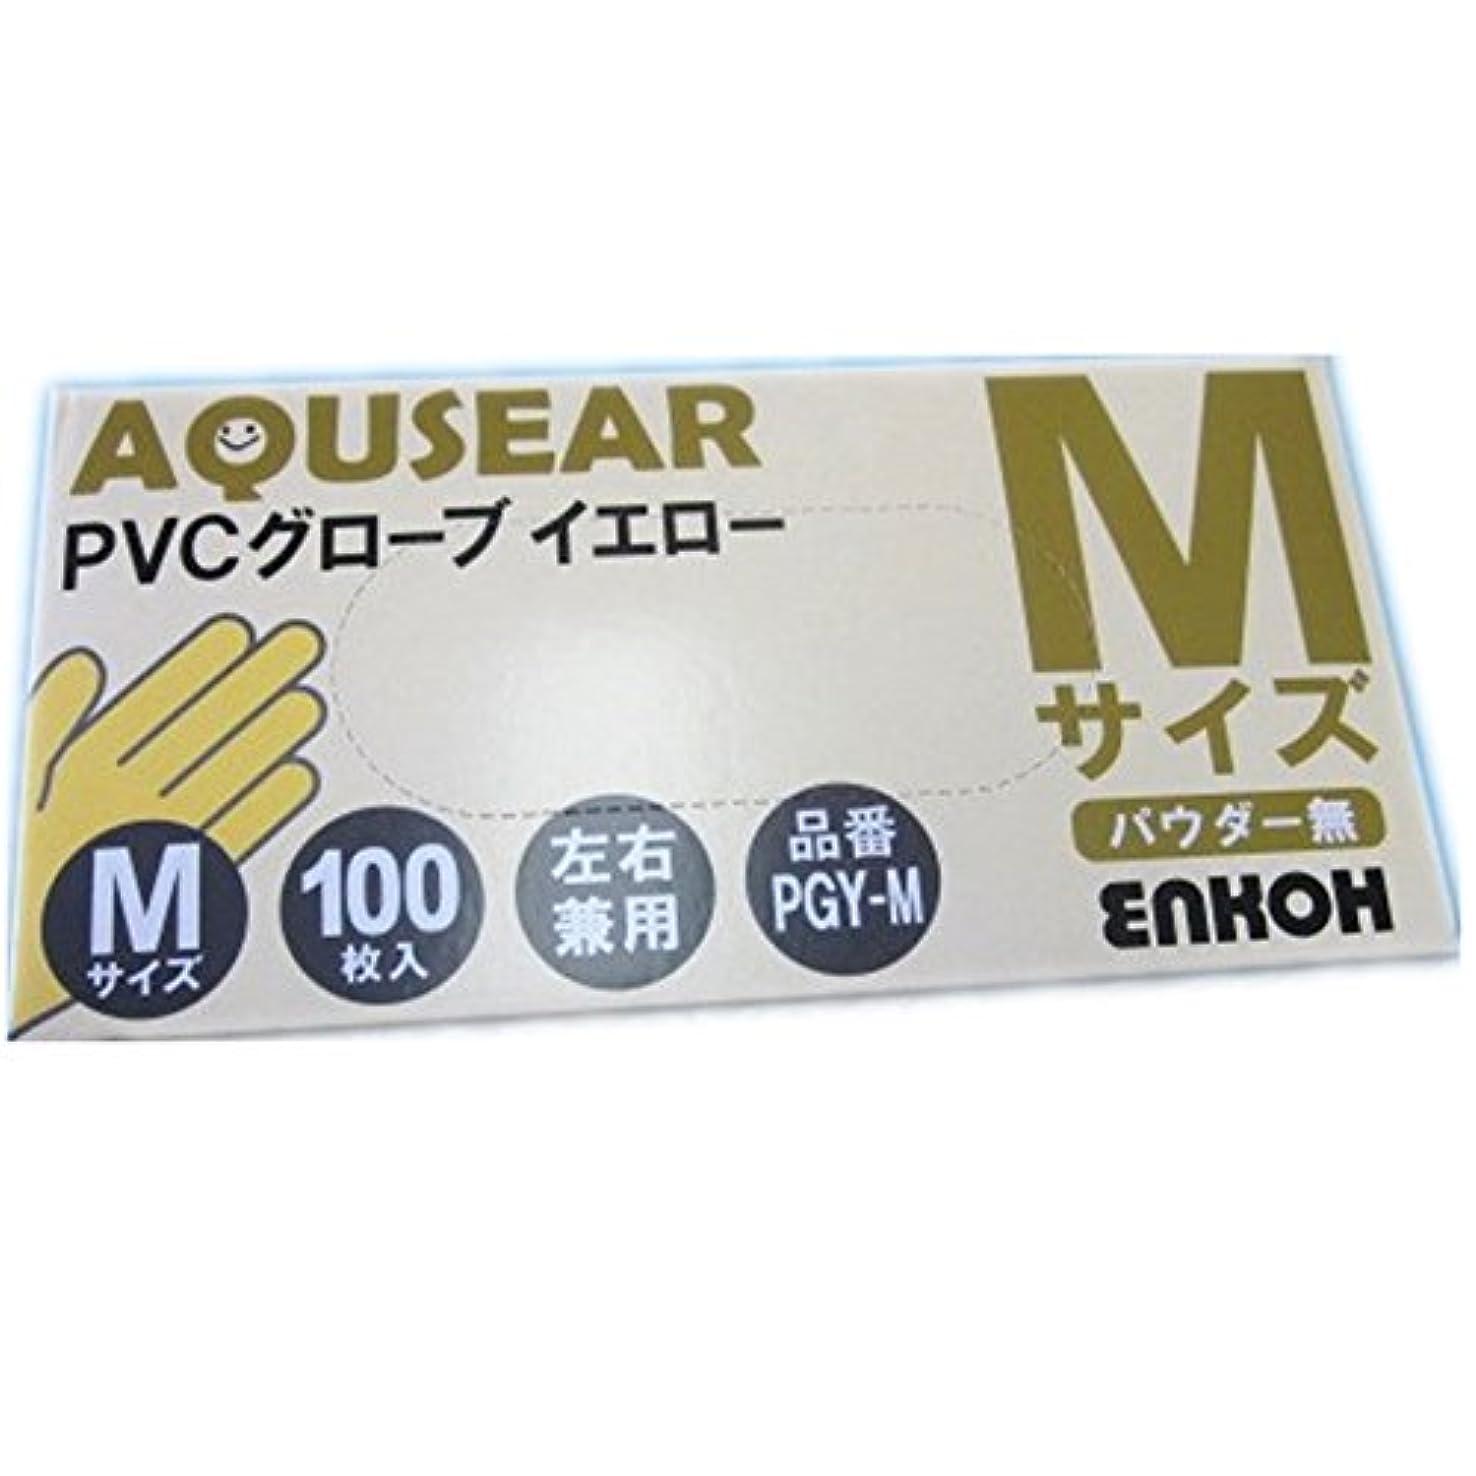 水陸両用予報映画AQUSEAR PVC プラスチックグローブ イエロー 弾性 Mサイズ パウダー無 PGY-M 100枚×20箱